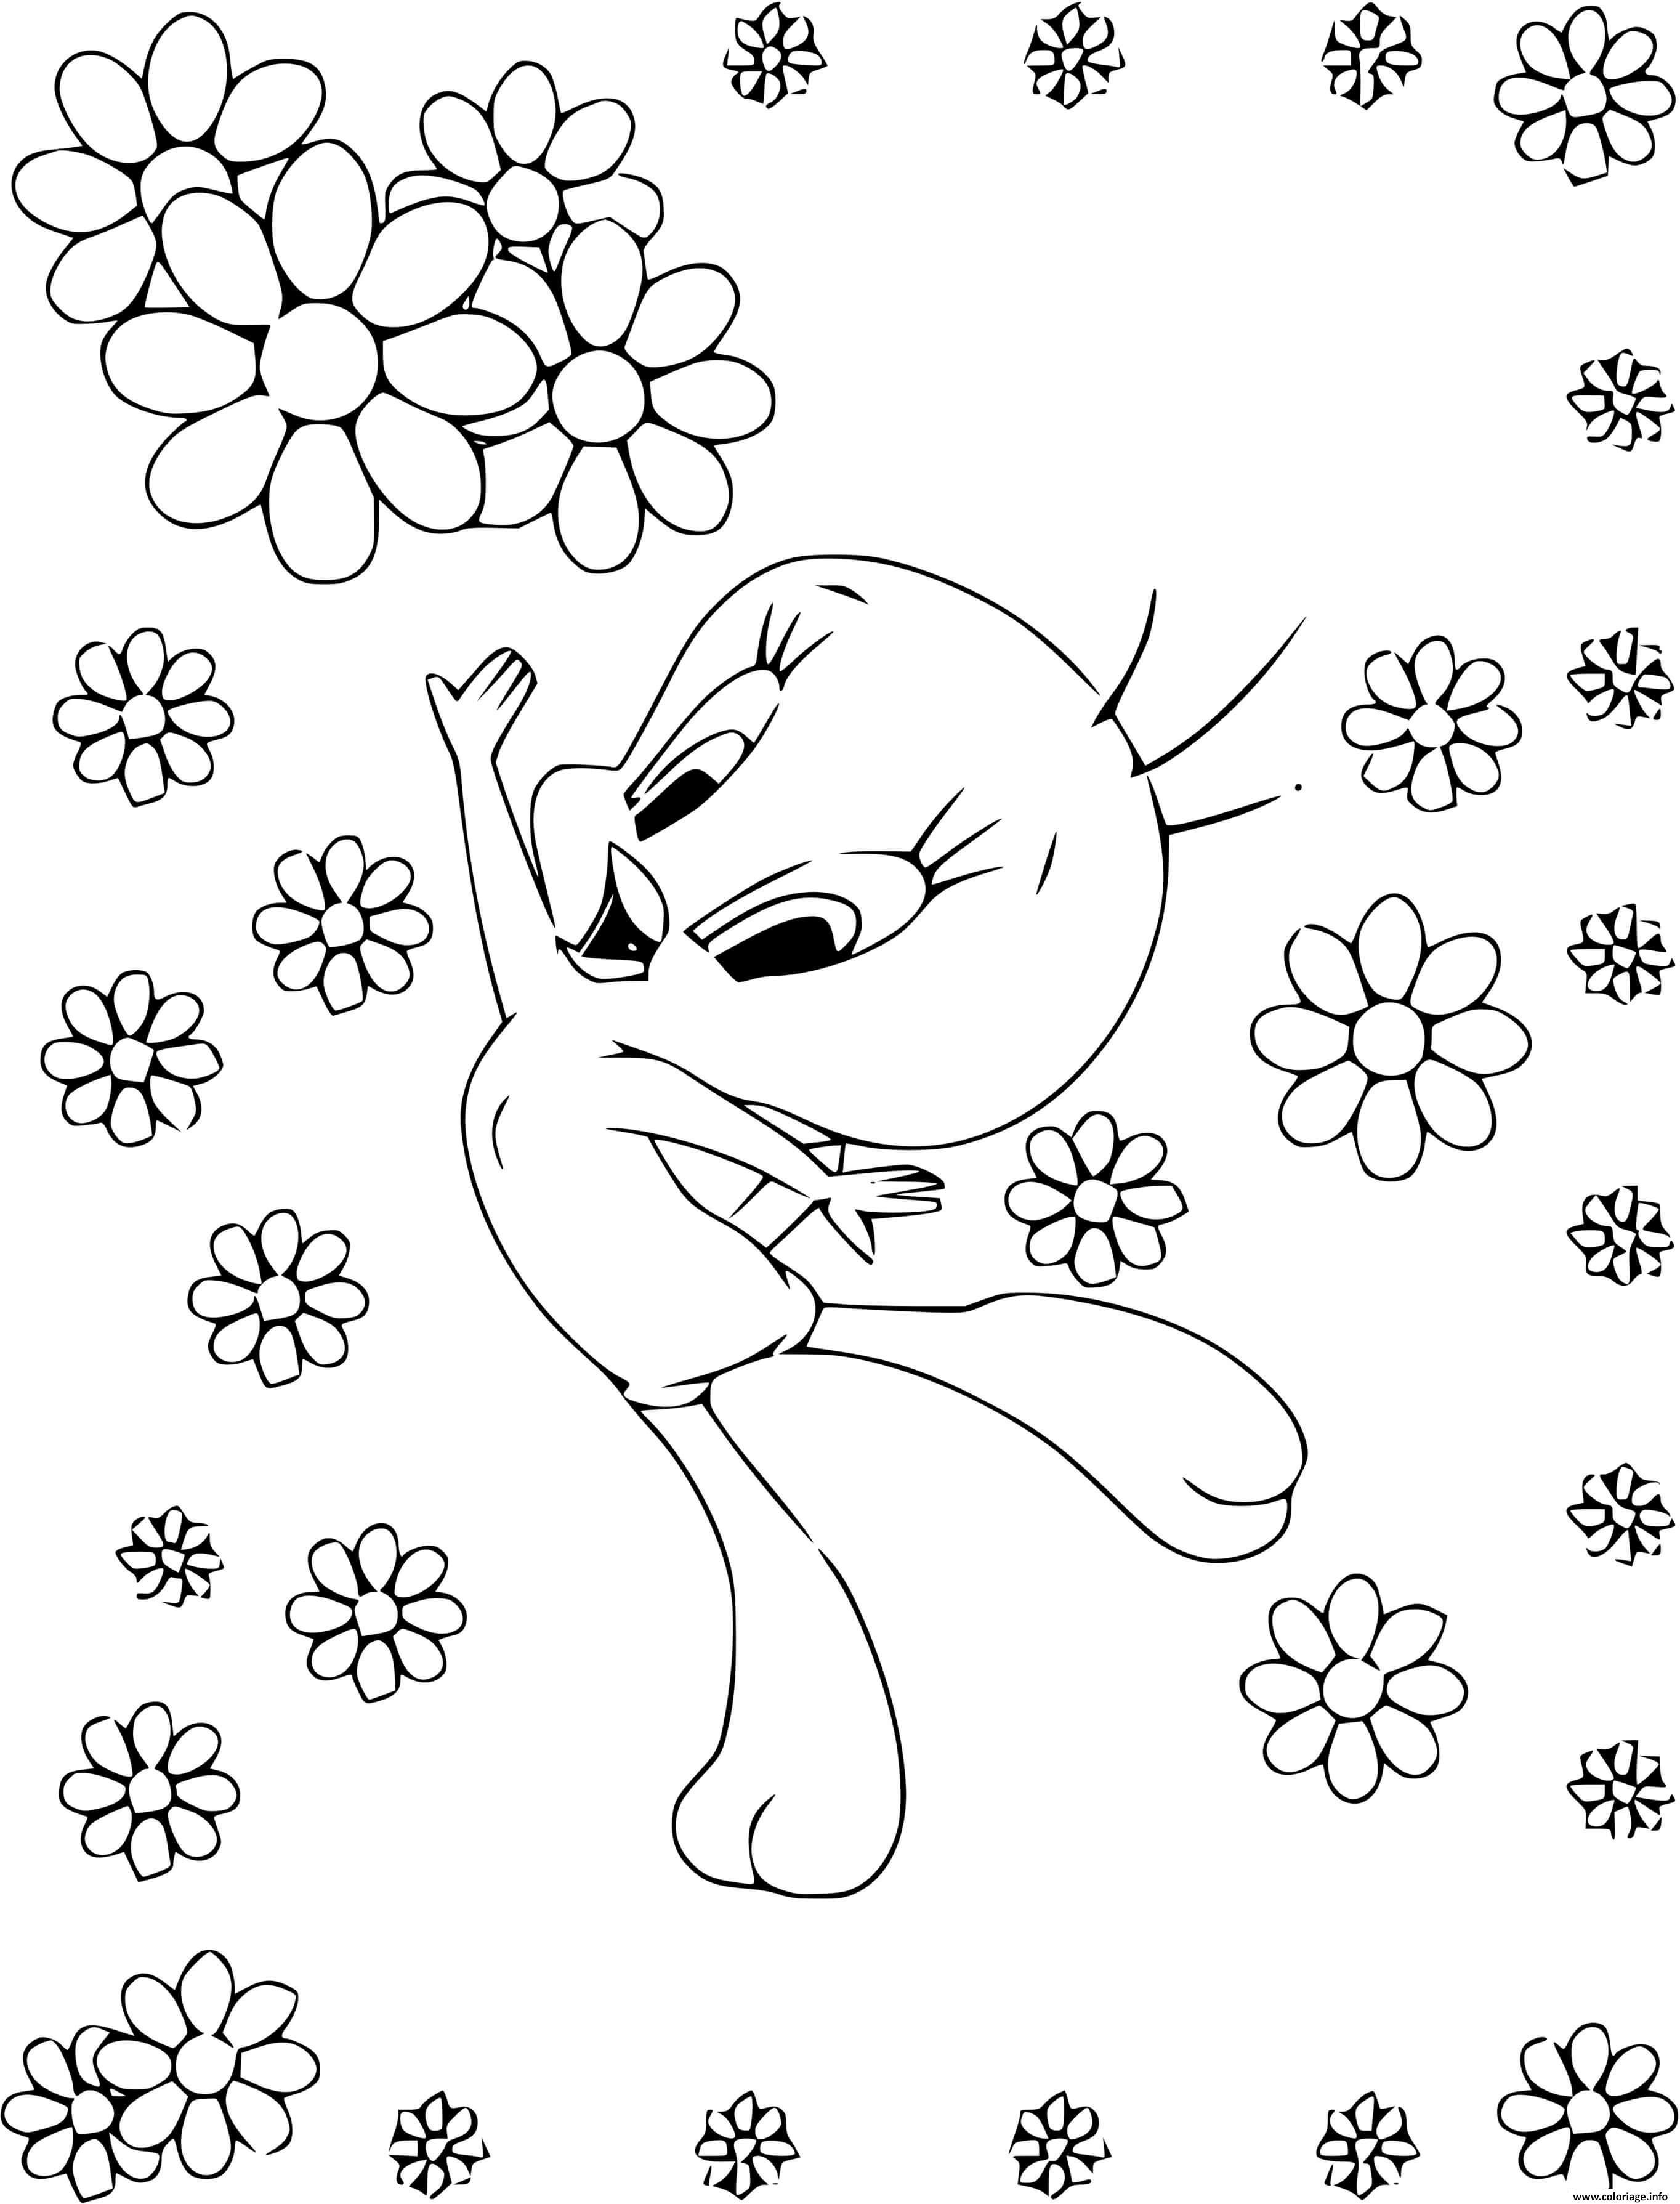 Dessin titi oiseau et des fleurs Coloriage Gratuit à Imprimer